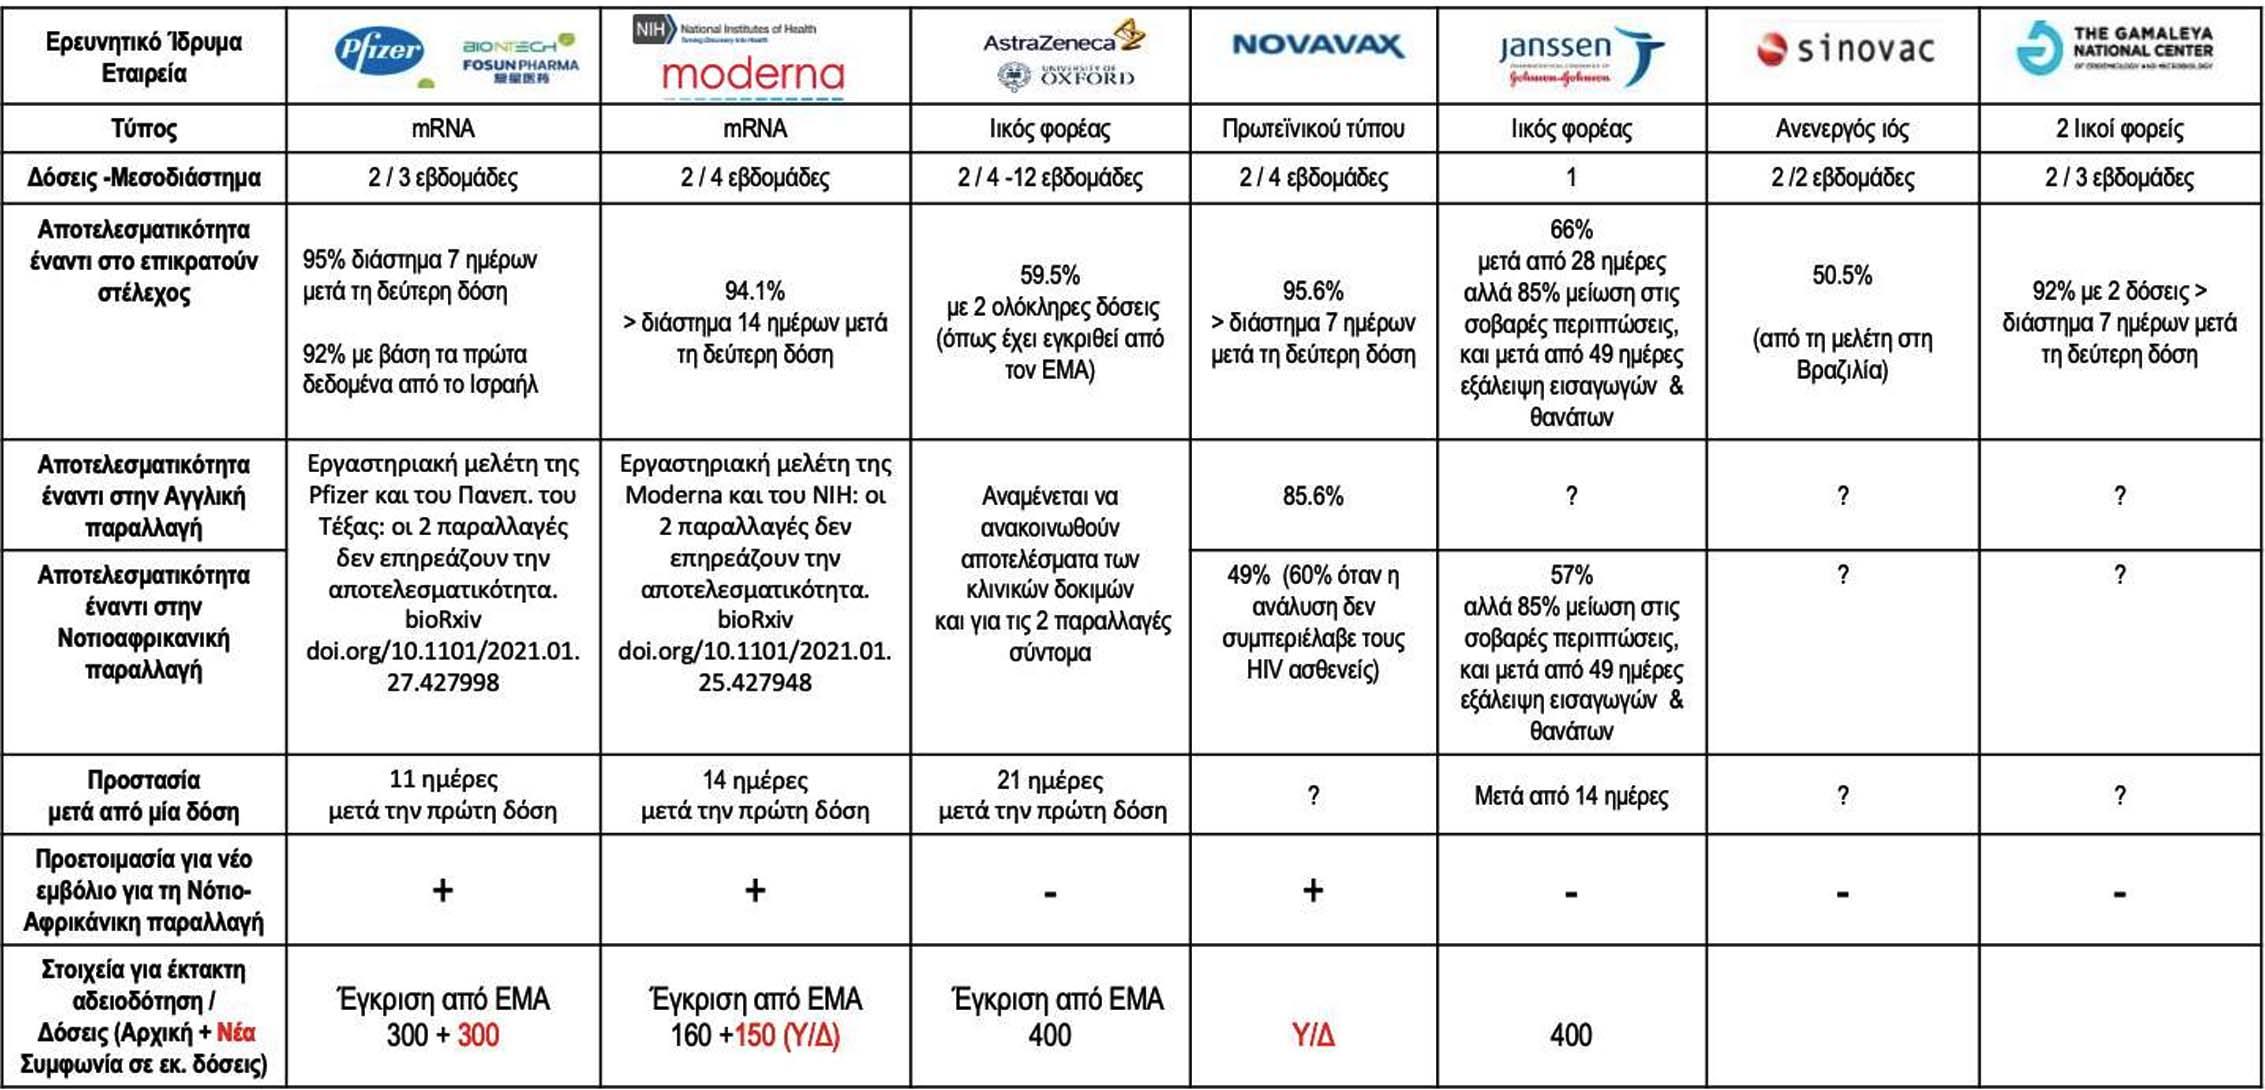 Ηλίας Μόσιαλος: Πίνακας σύγκρισης του με τα 7 εμβόλια και όλα όσα πρέπει να ξέρετε σε ένα γράφημα